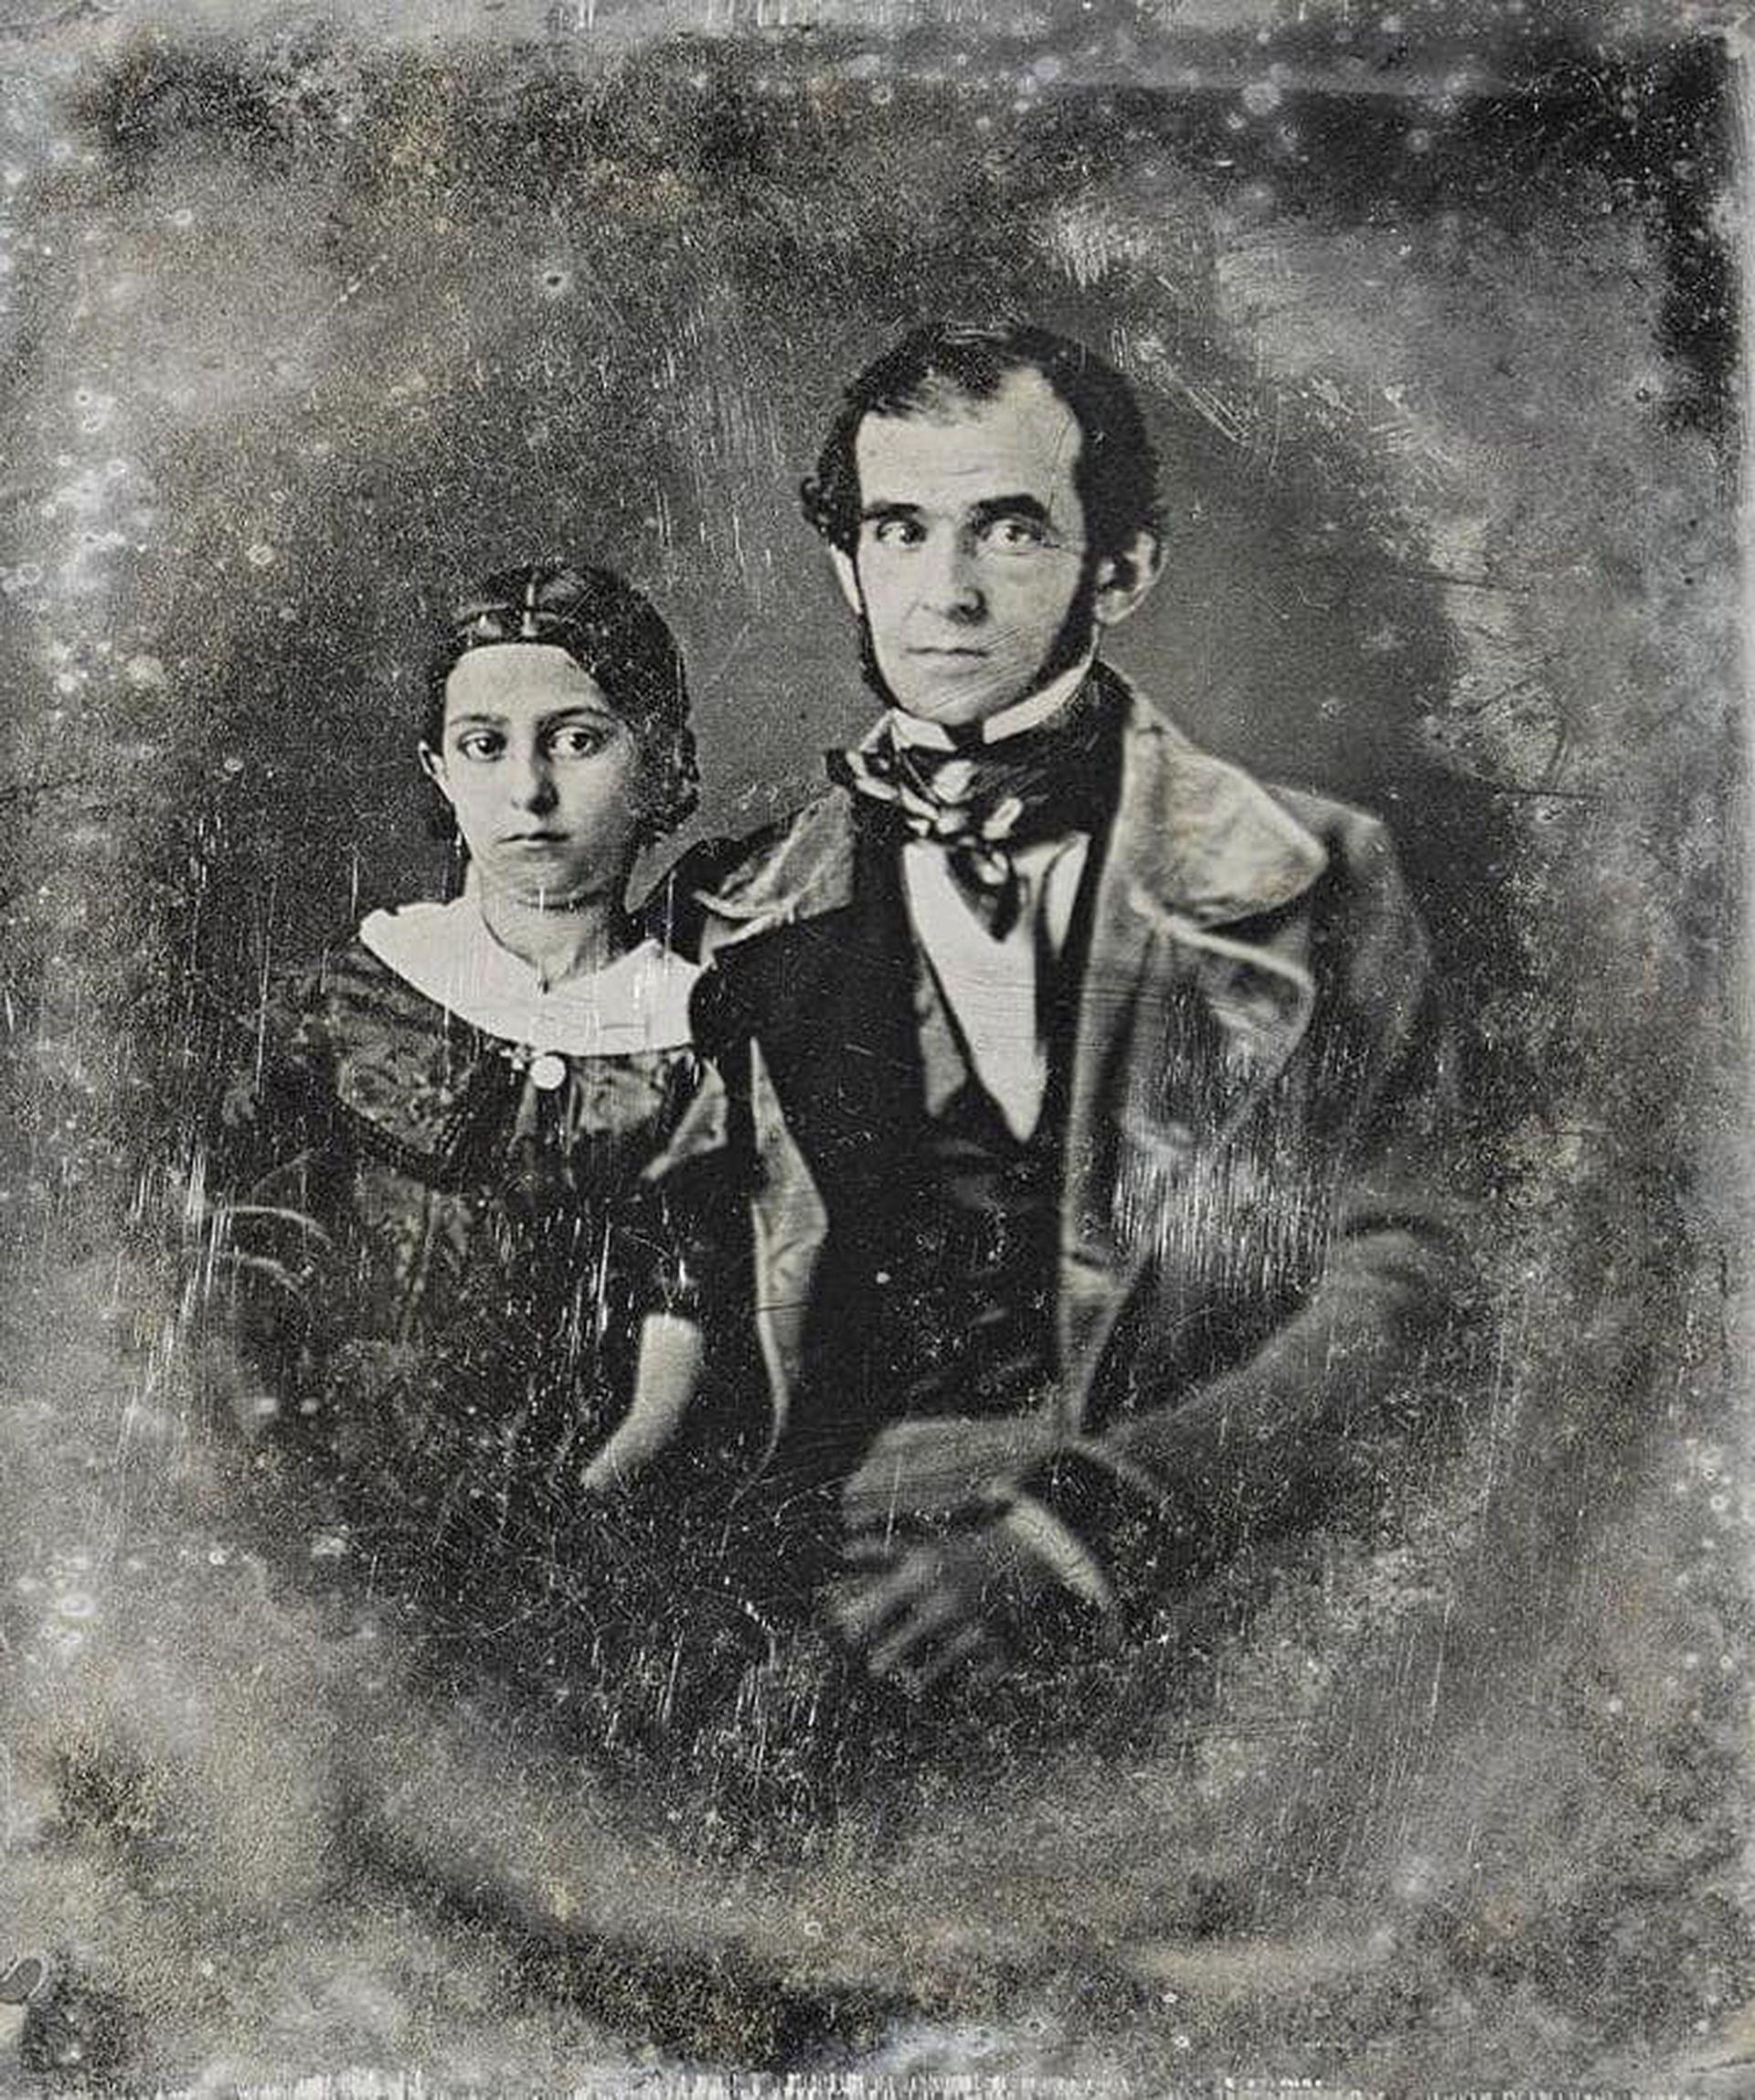 Florencio Varela en 1847, posando con su hija María en uno de los primeros  daguerrotipos que se tomaron en el Río de la Plata.